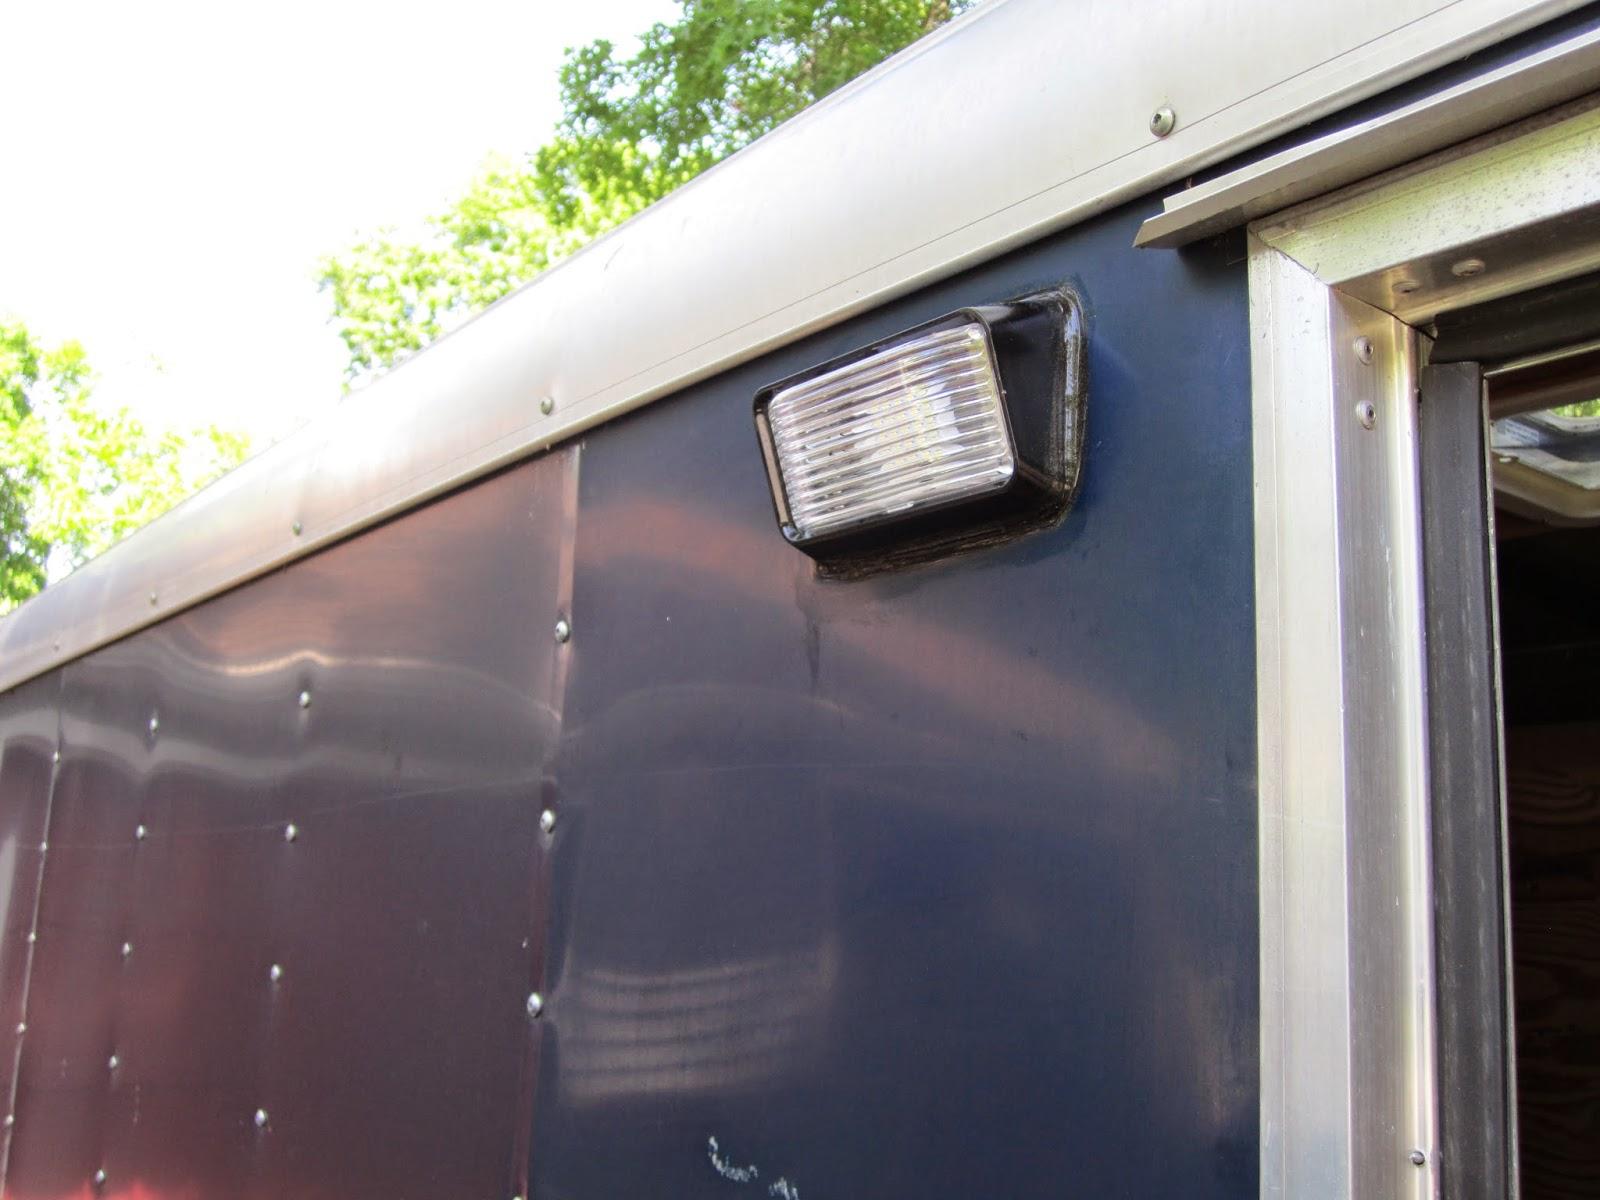 Enclosed Trailer Led Lights 100 Images Led Strip Light Enclosed Trailer What I Have